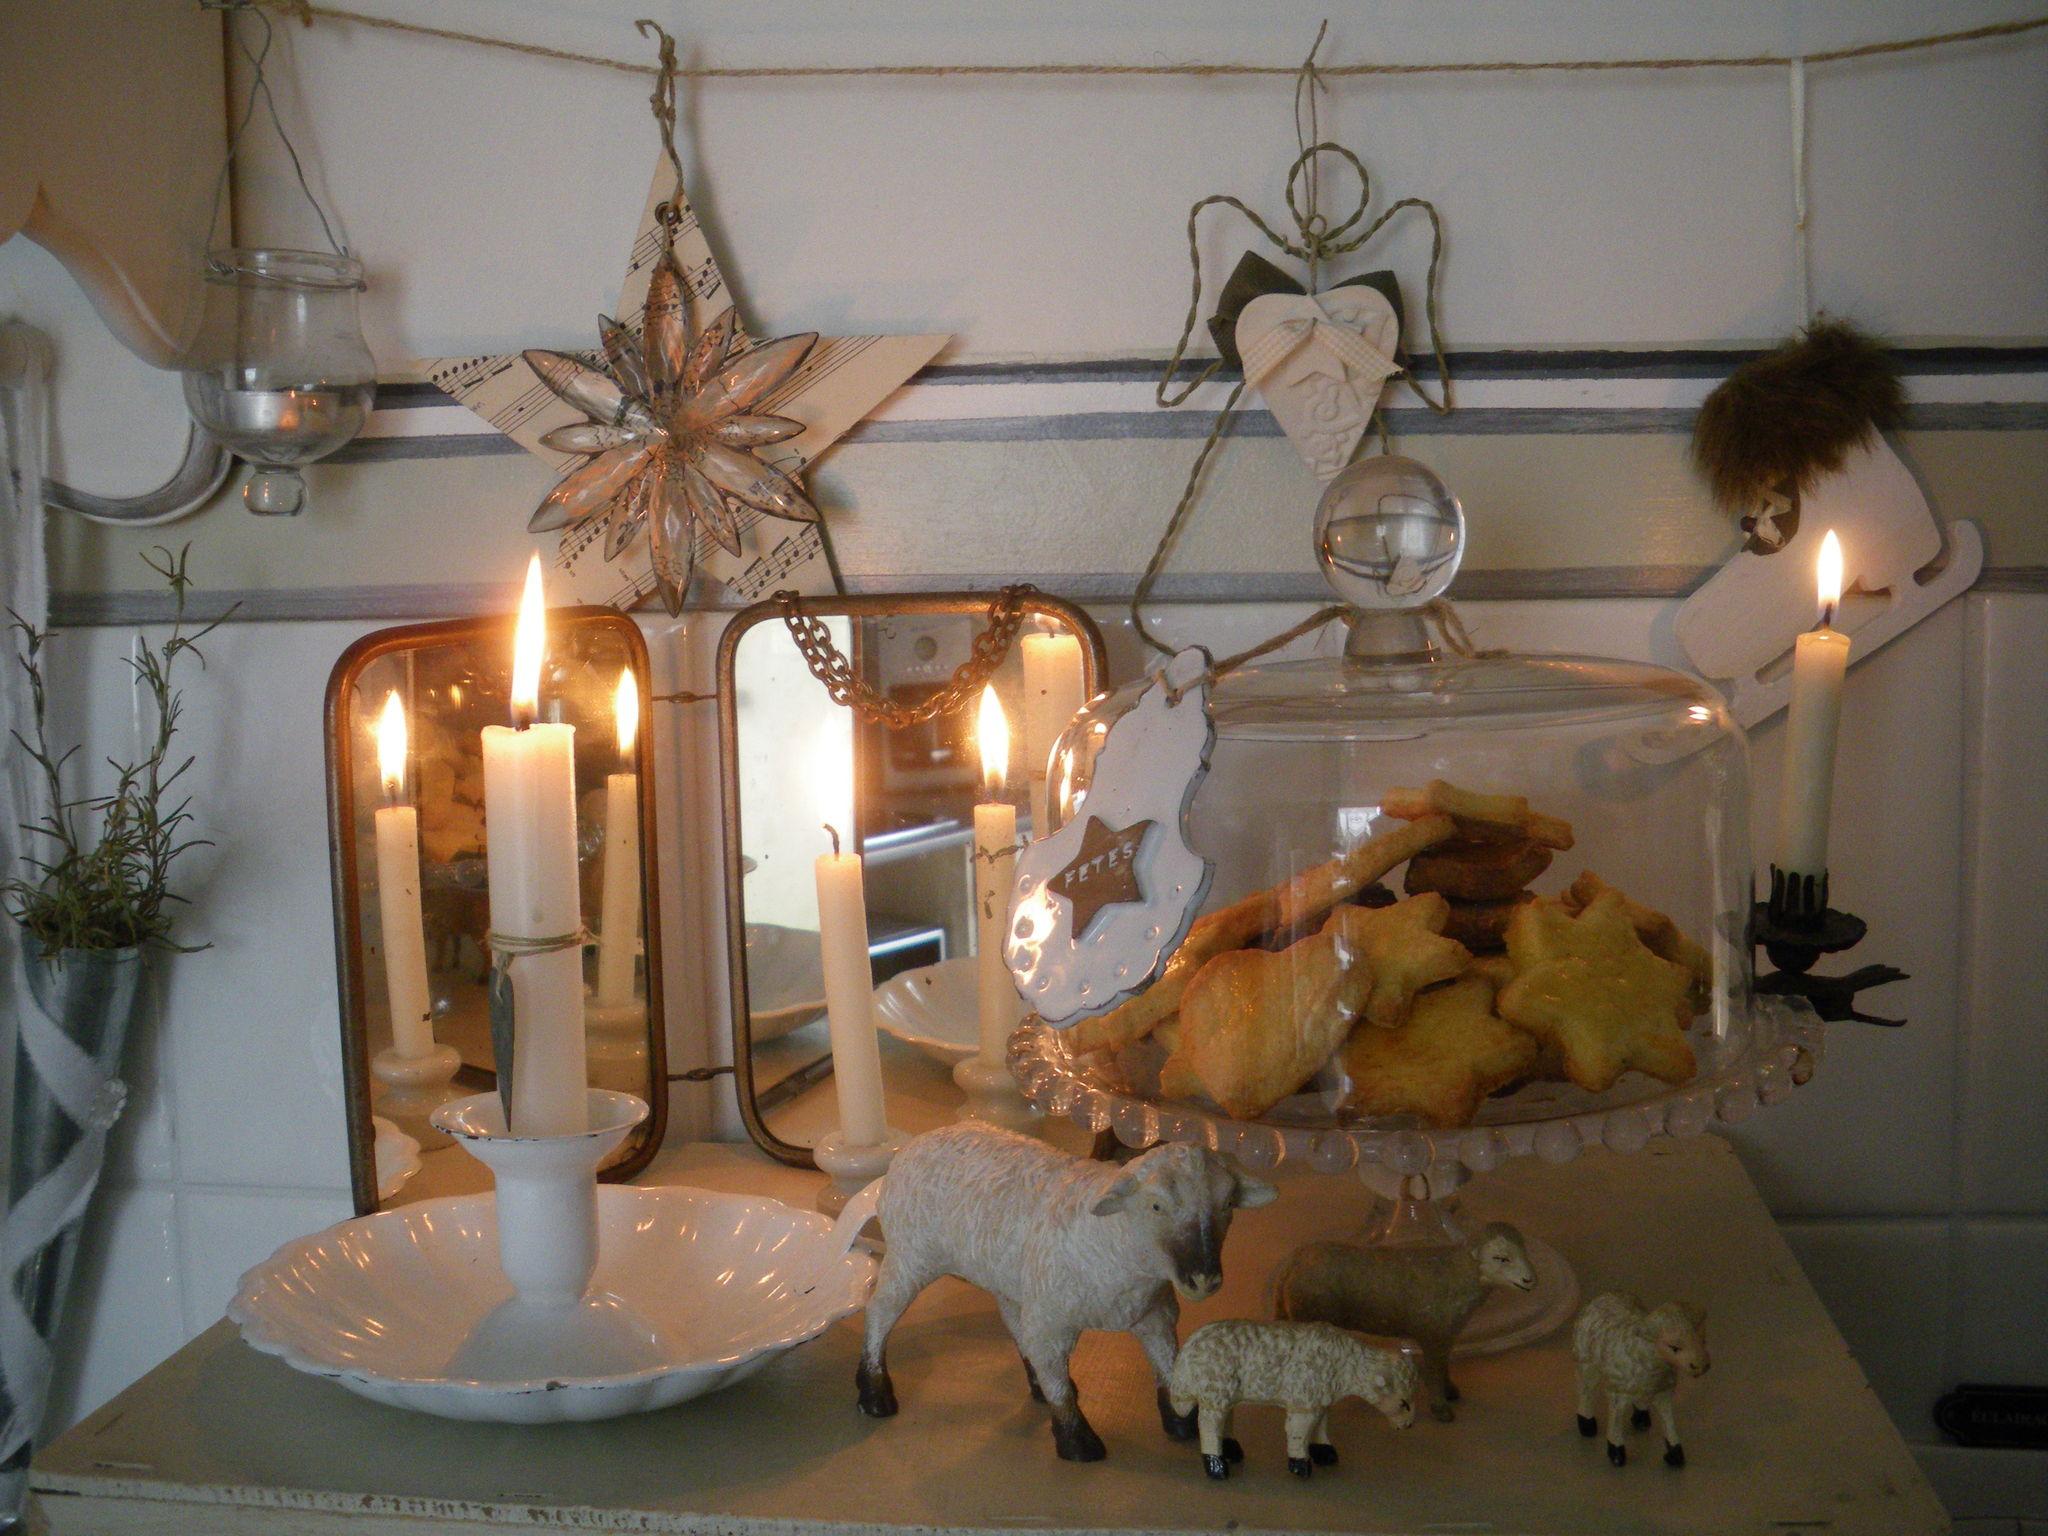 #AC6A1F Fidèle à L'esprit Nordique En Cuisine Passé Recomposé 7608 decoration de noel a fabriquer nous meme 2048x1536 px @ aertt.com